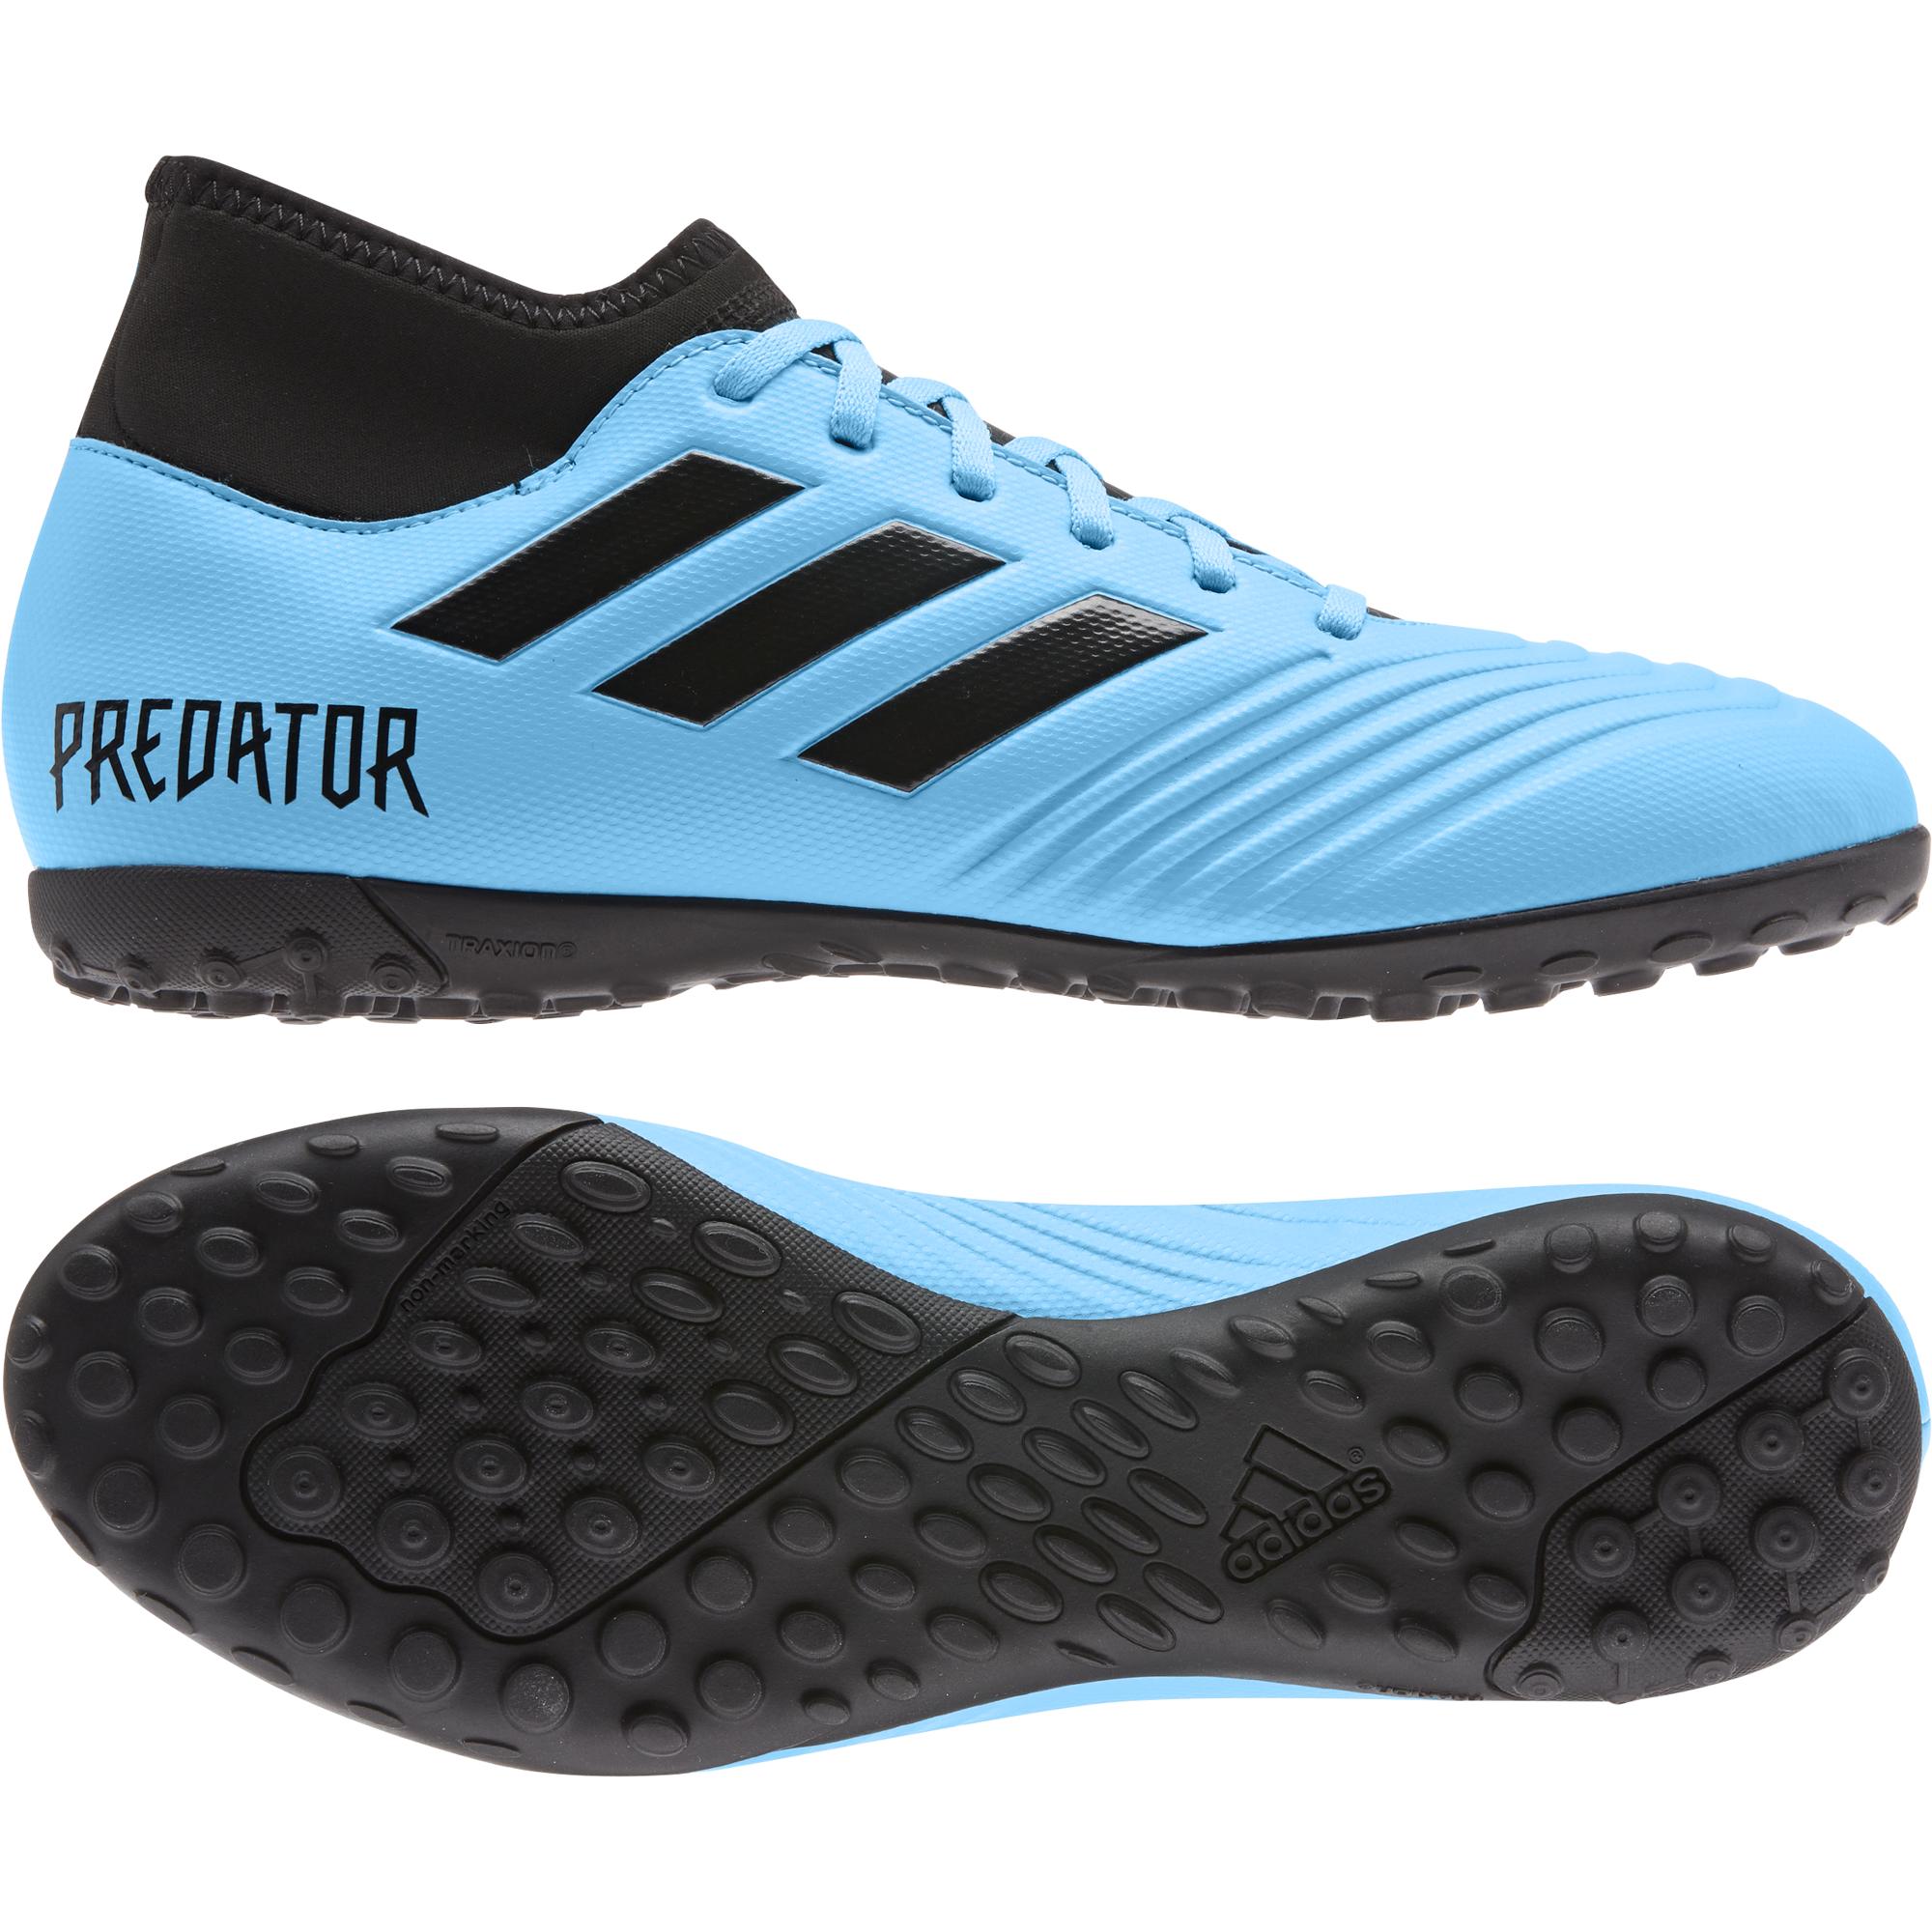 adidas Predator 19.4 Fußballschuhe Herren weiß blau im Online Shop von SportScheck kaufen